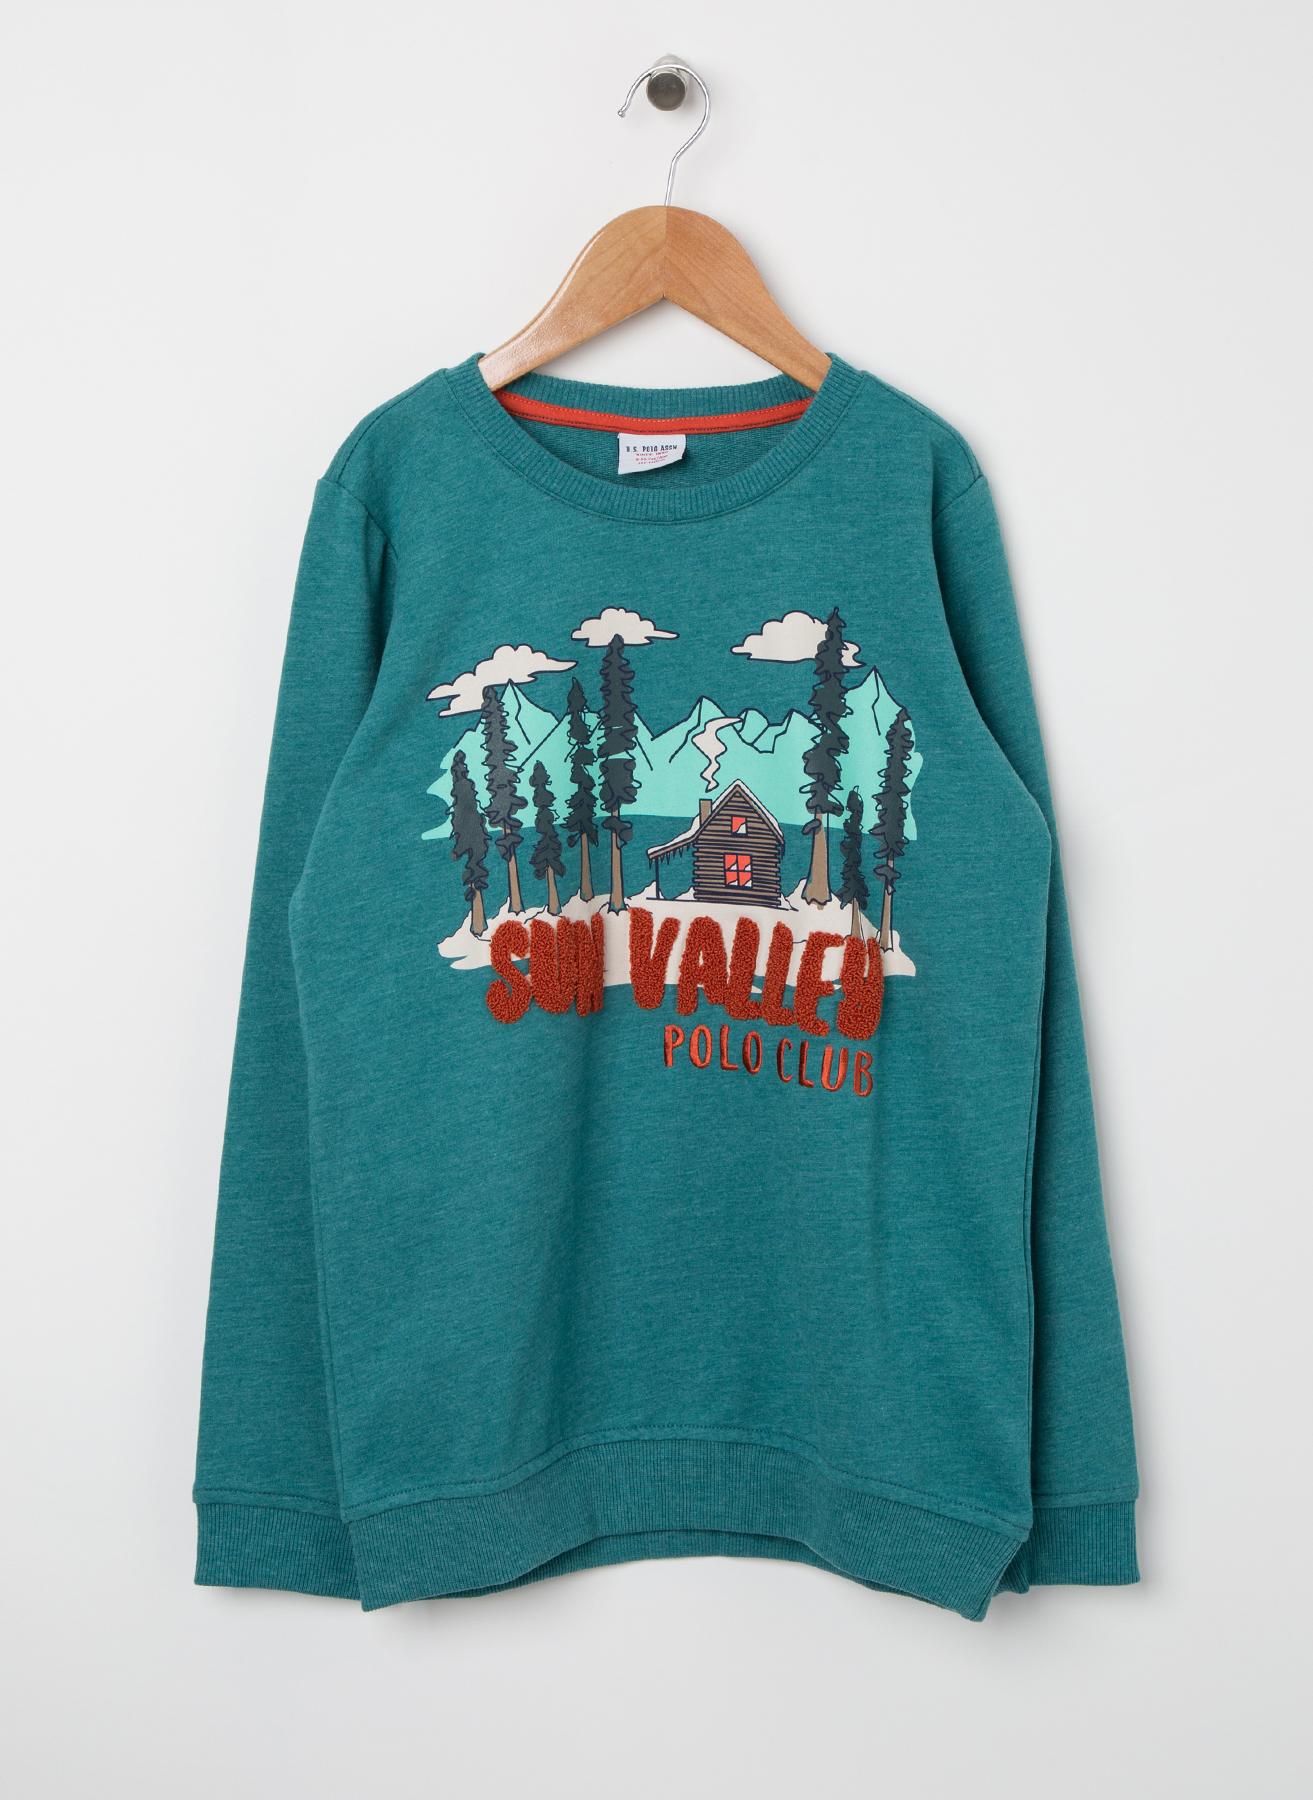 U.S. Polo Assn. Genç Erkek Kabartma Yazılı Mint Sweatshirt 13 Yaş 5001704749004 Ürün Resmi